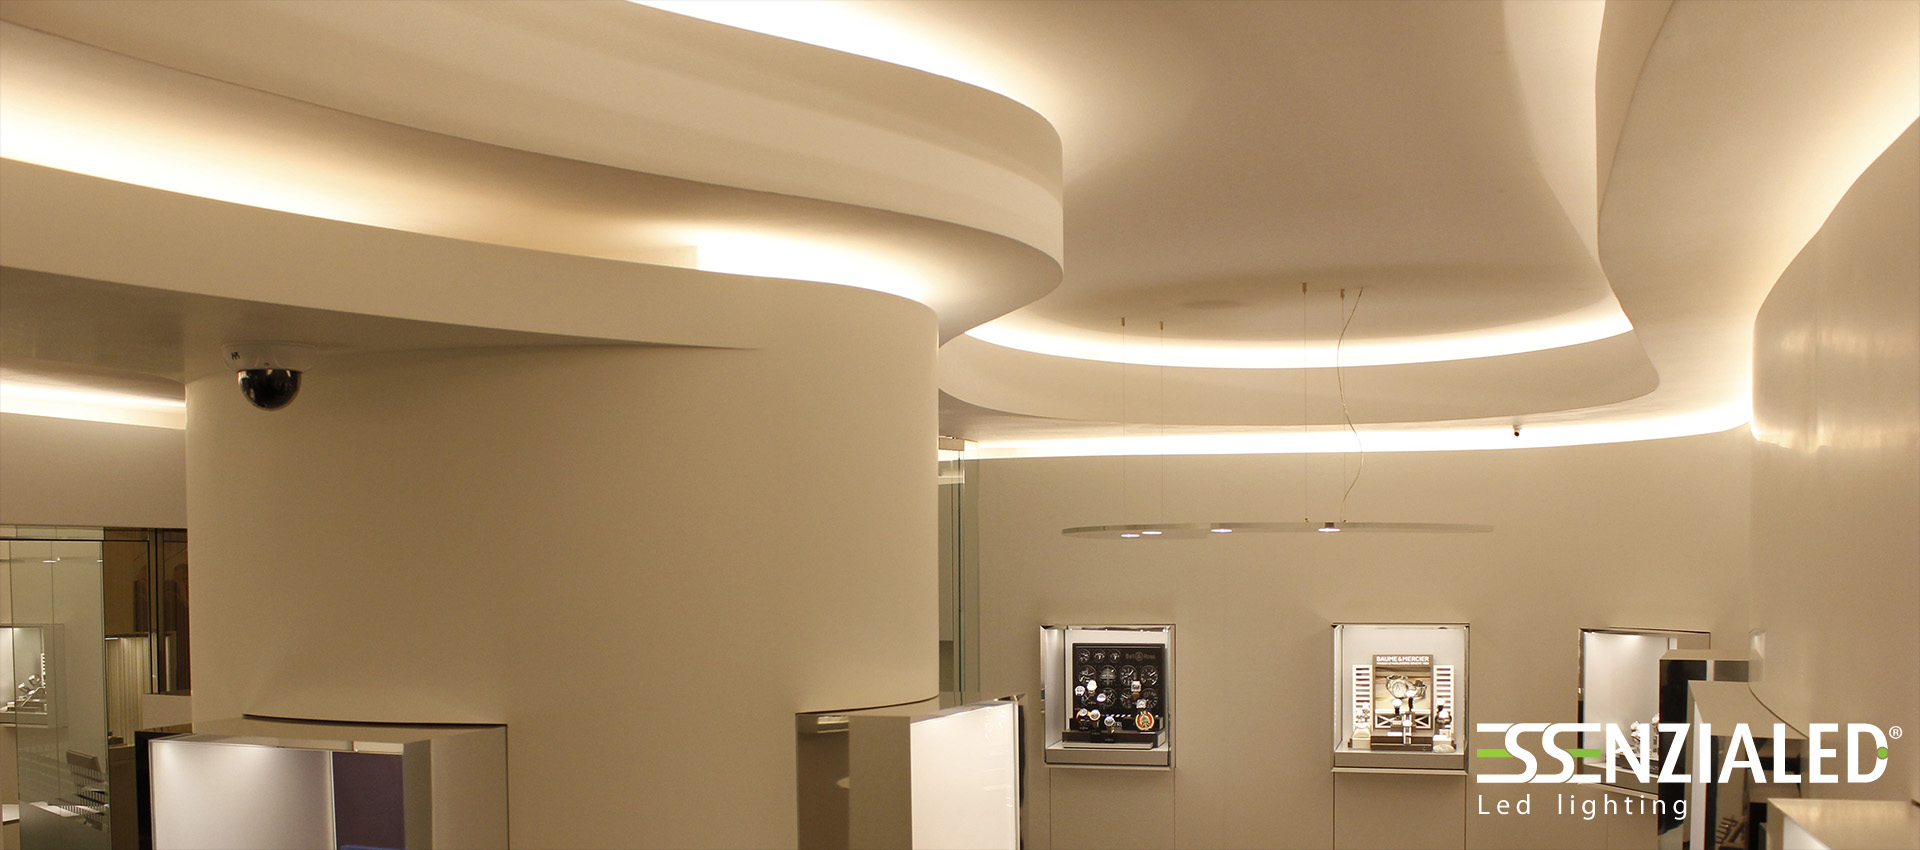 illuminazione moderna luce led : ... Led - Tutto prodotto su misuraEssenzialed ? Illuminazione a led